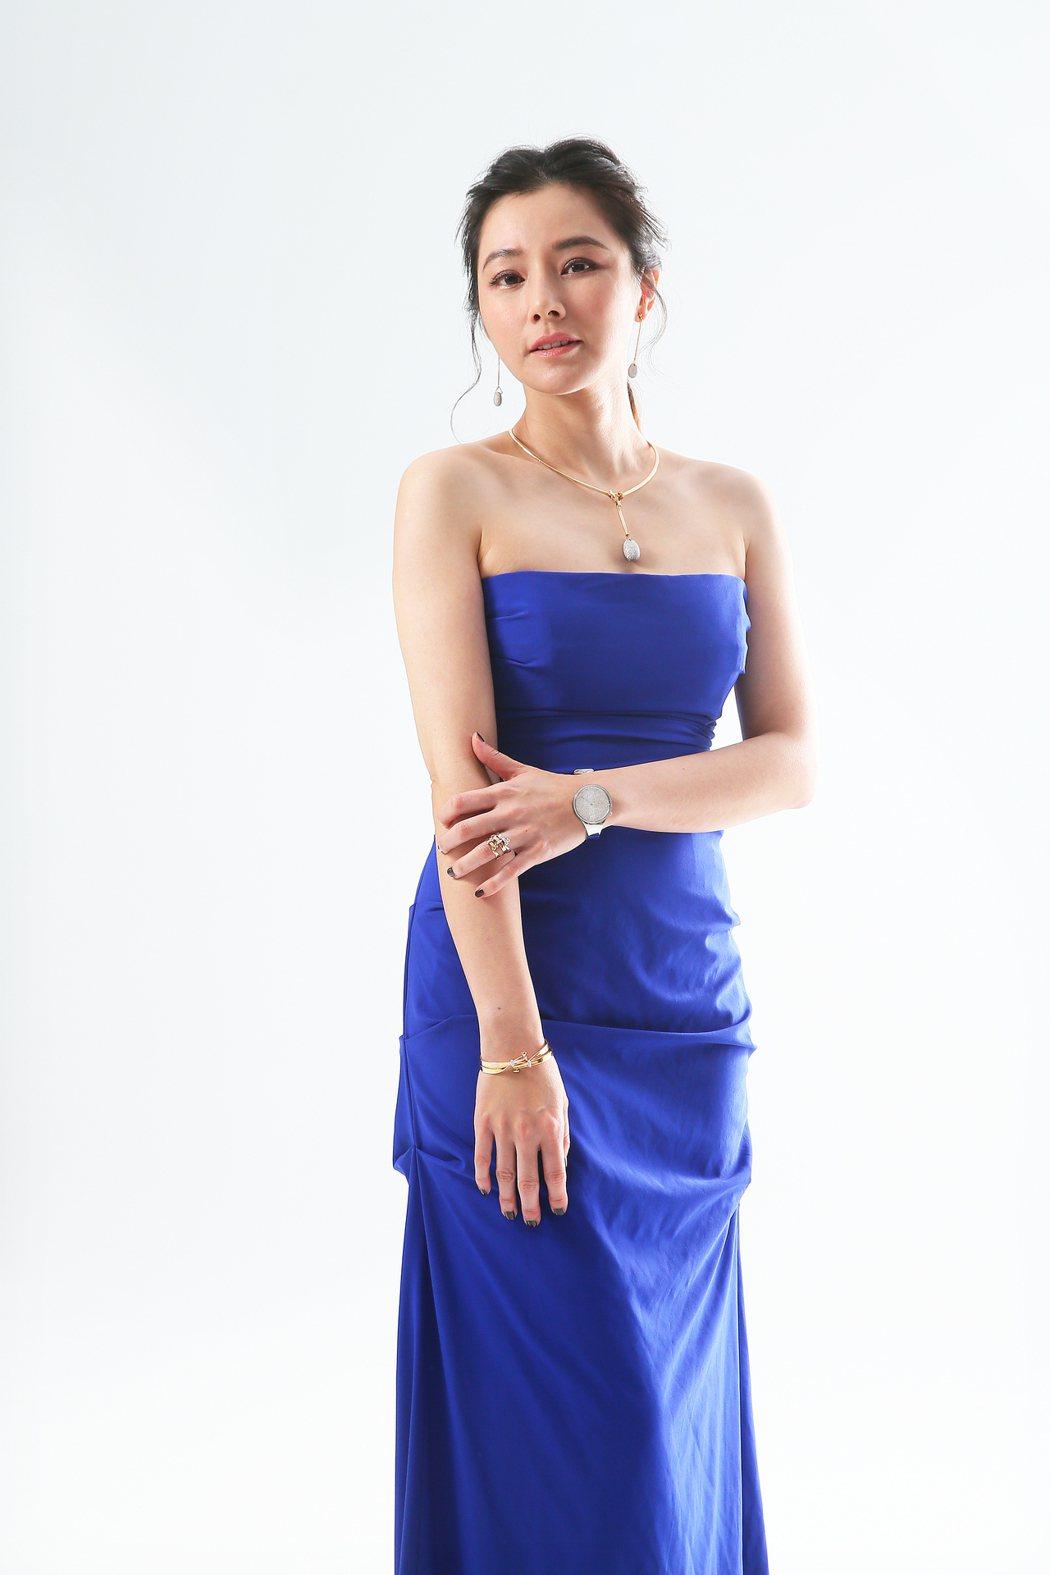 陳怡蓉穿Nicole Miller藍色洋裝搭配喬治傑生的DEW DROP、TOR